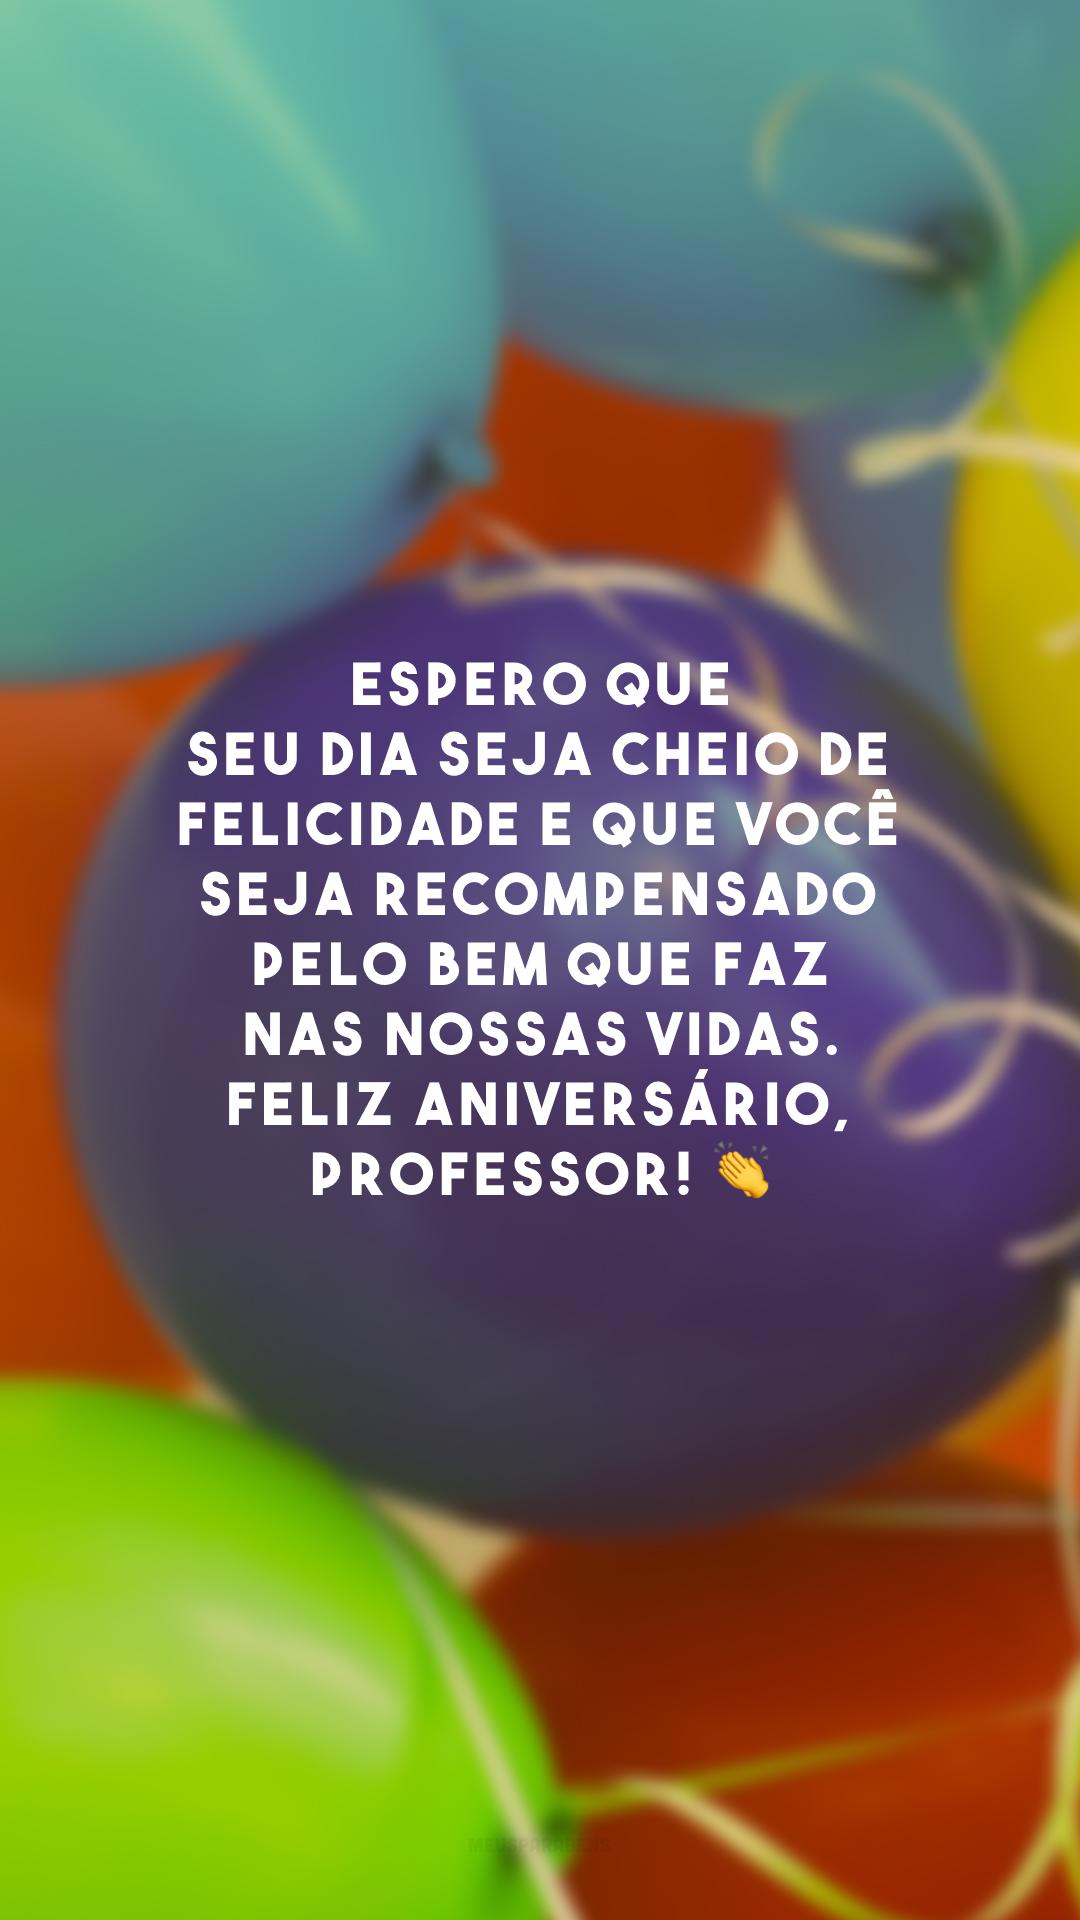 Espero que seu dia seja cheio de felicidade e que você seja recompensado pelo bem que faz nas nossas vidas. Feliz aniversário, professor! 👏